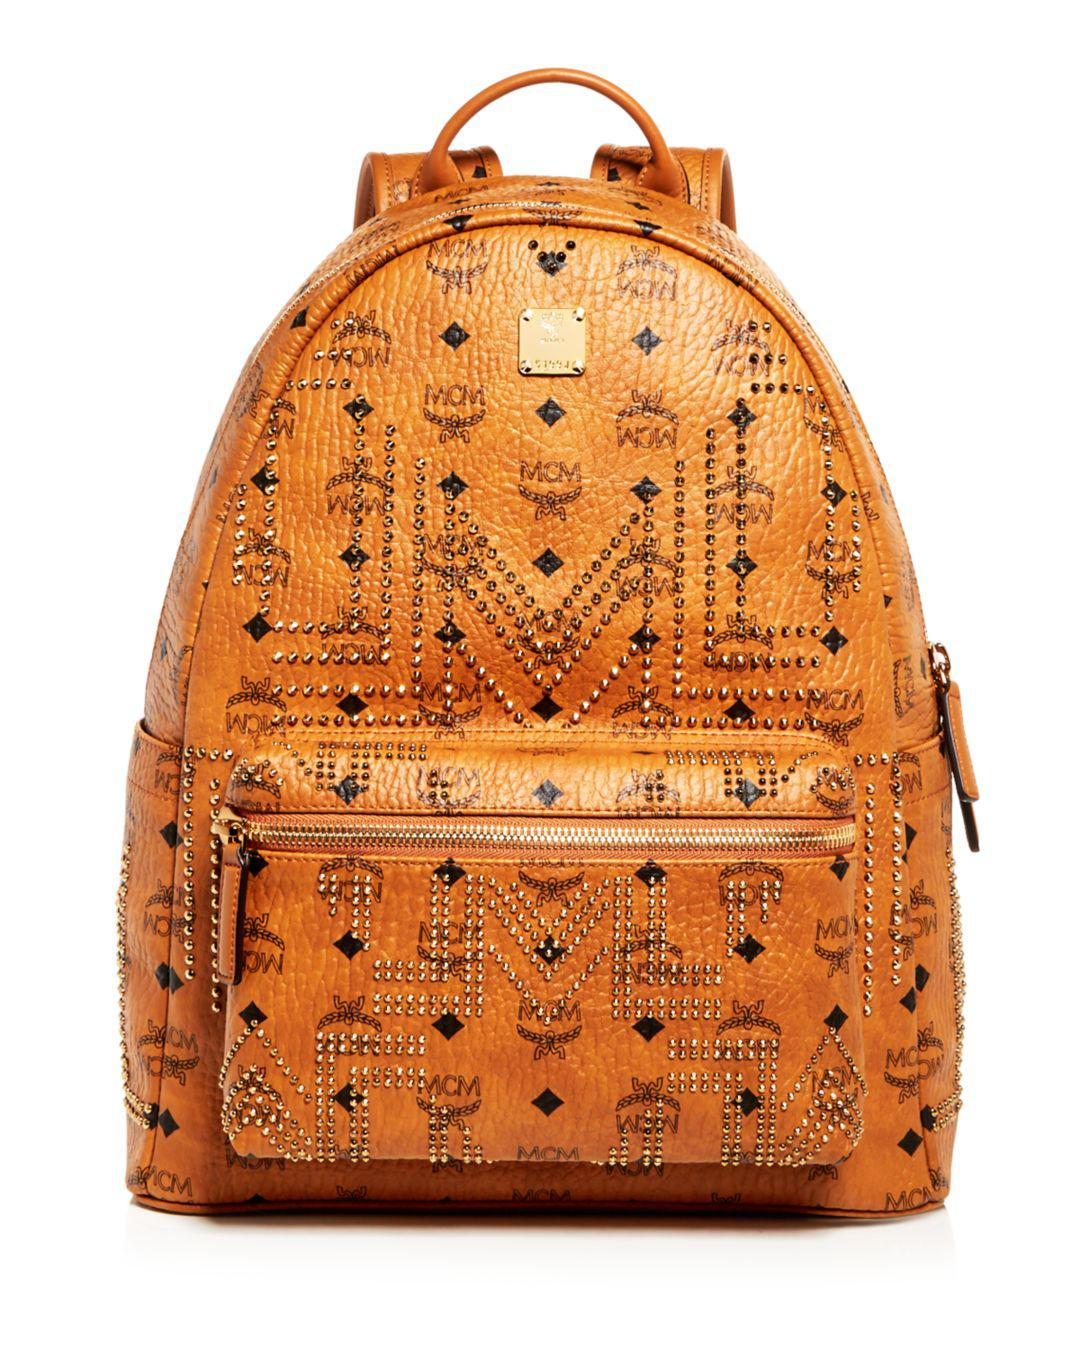 cb74b908de5 Mcm Stark Gunta Medium Studded Backpack in Orange for Men - Lyst